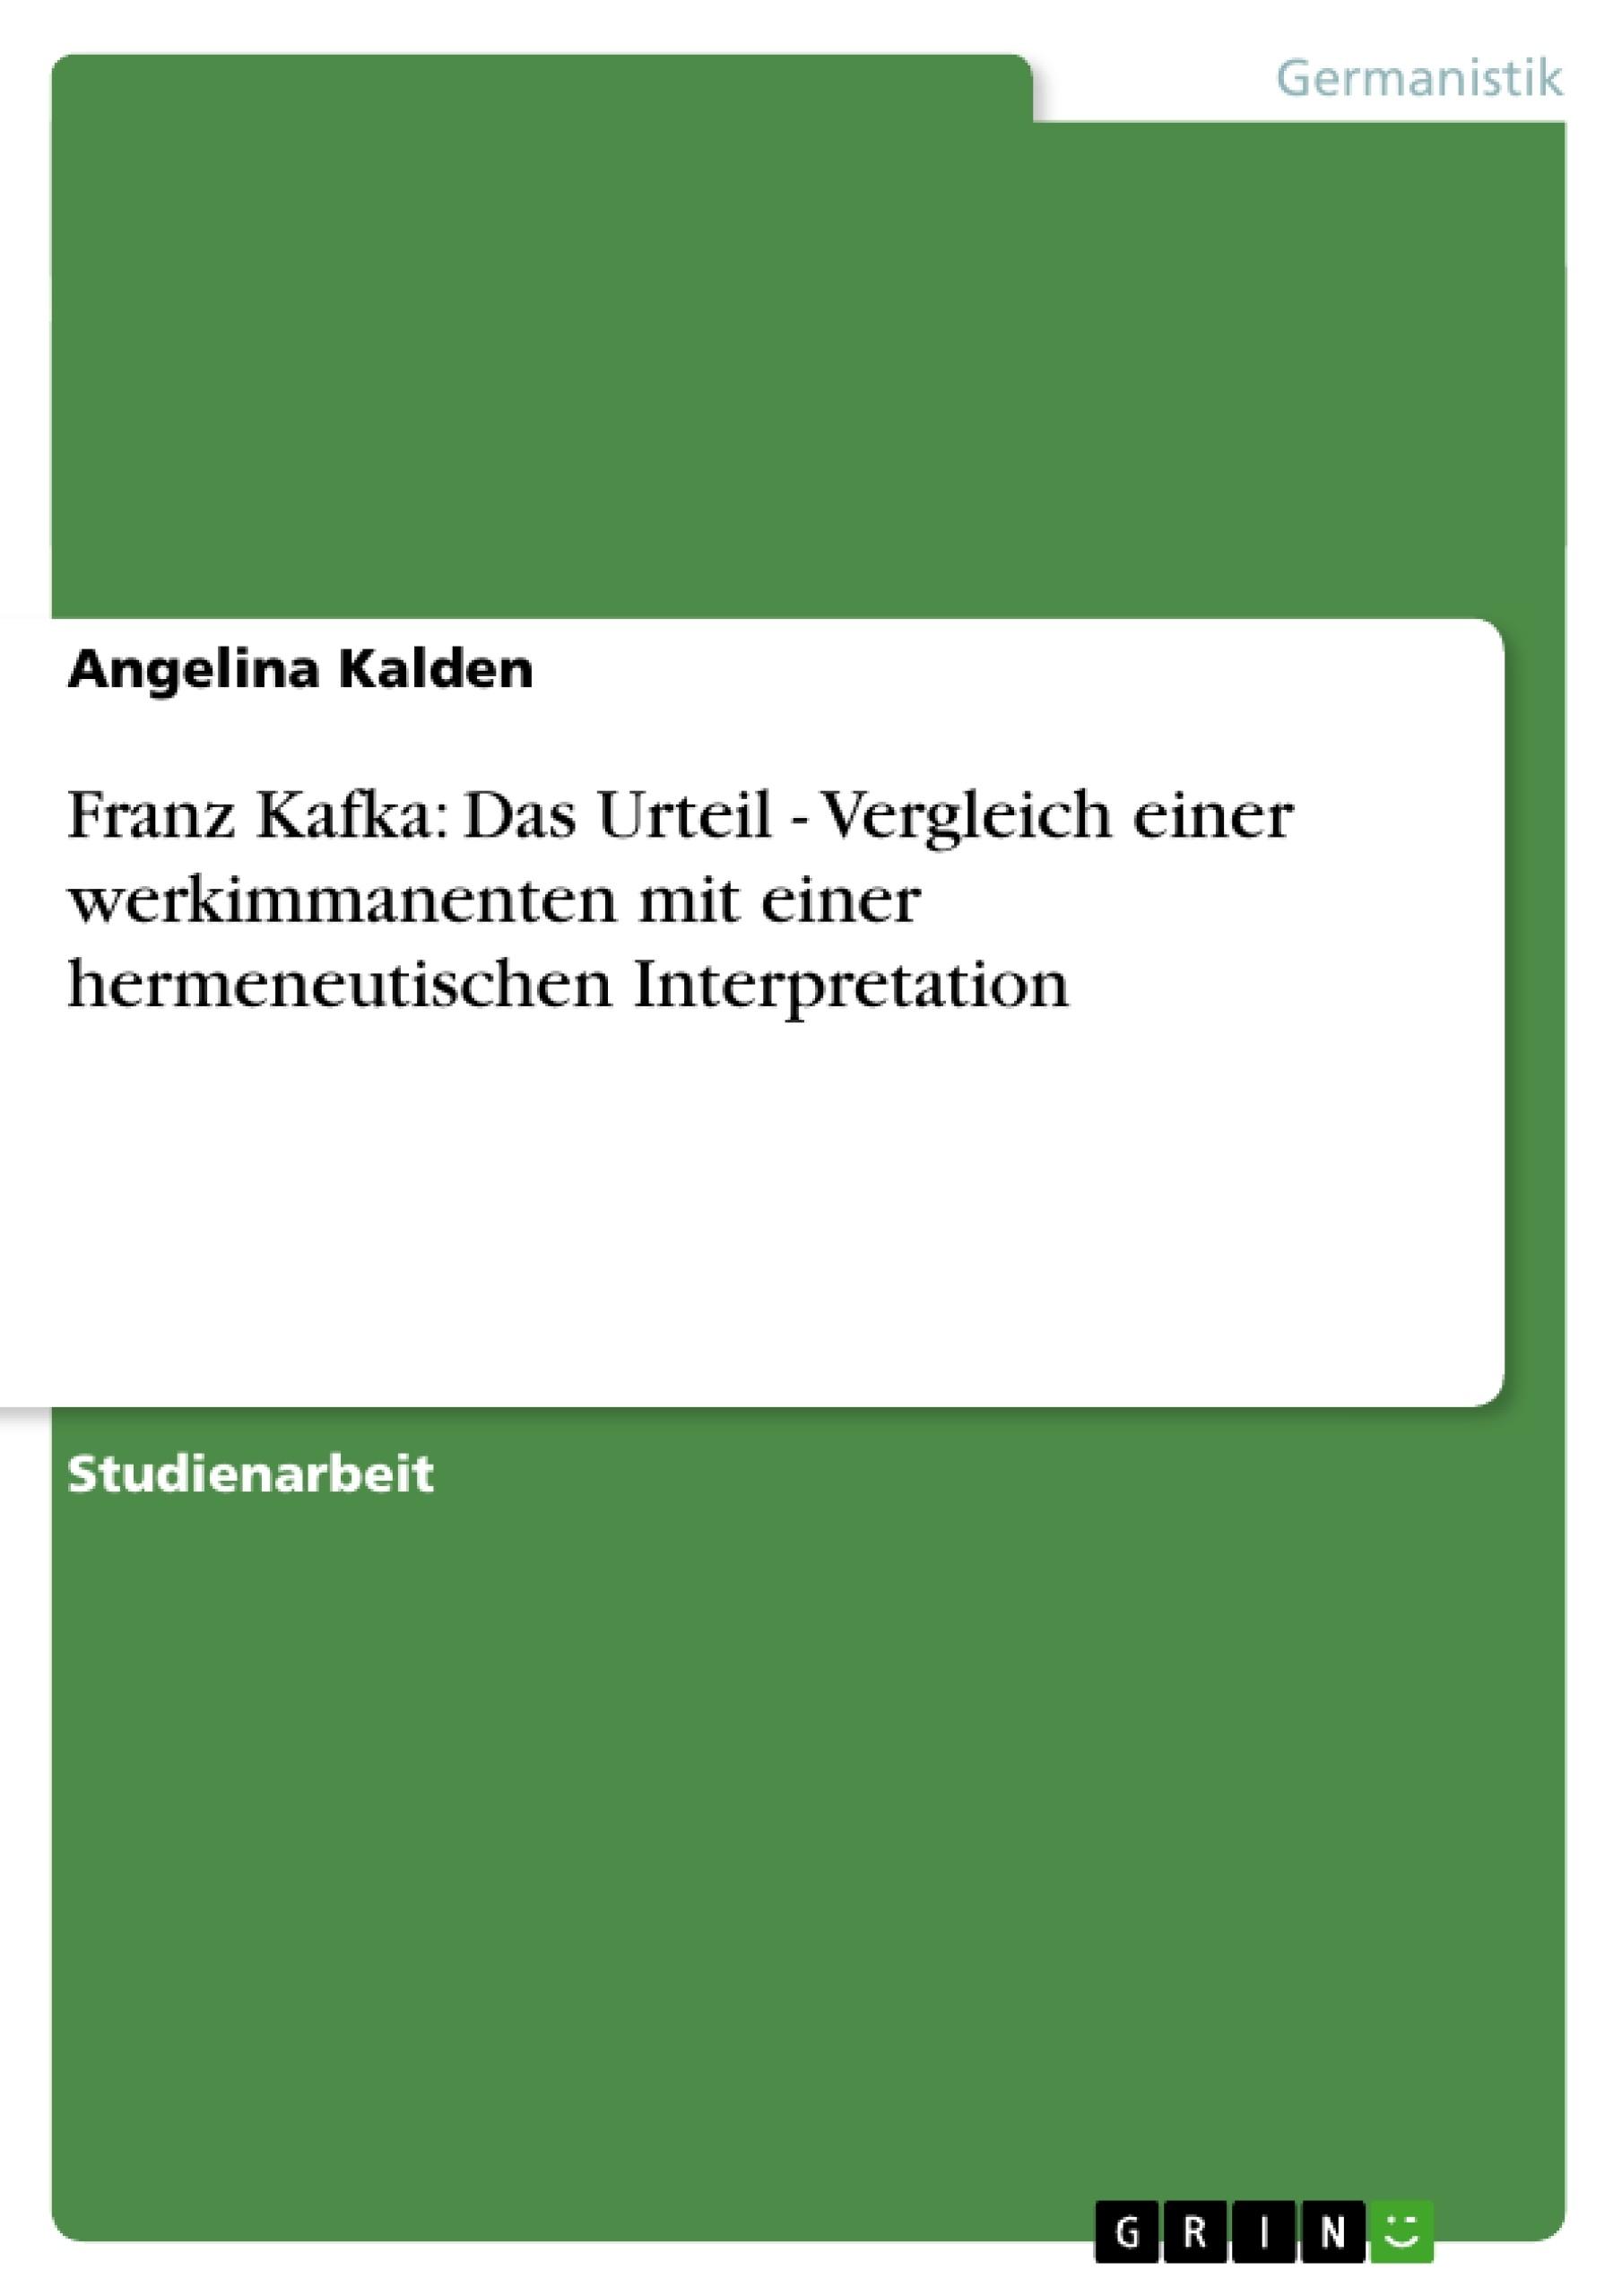 Titel: Franz Kafka: Das Urteil - Vergleich einer werkimmanenten mit einer hermeneutischen Interpretation